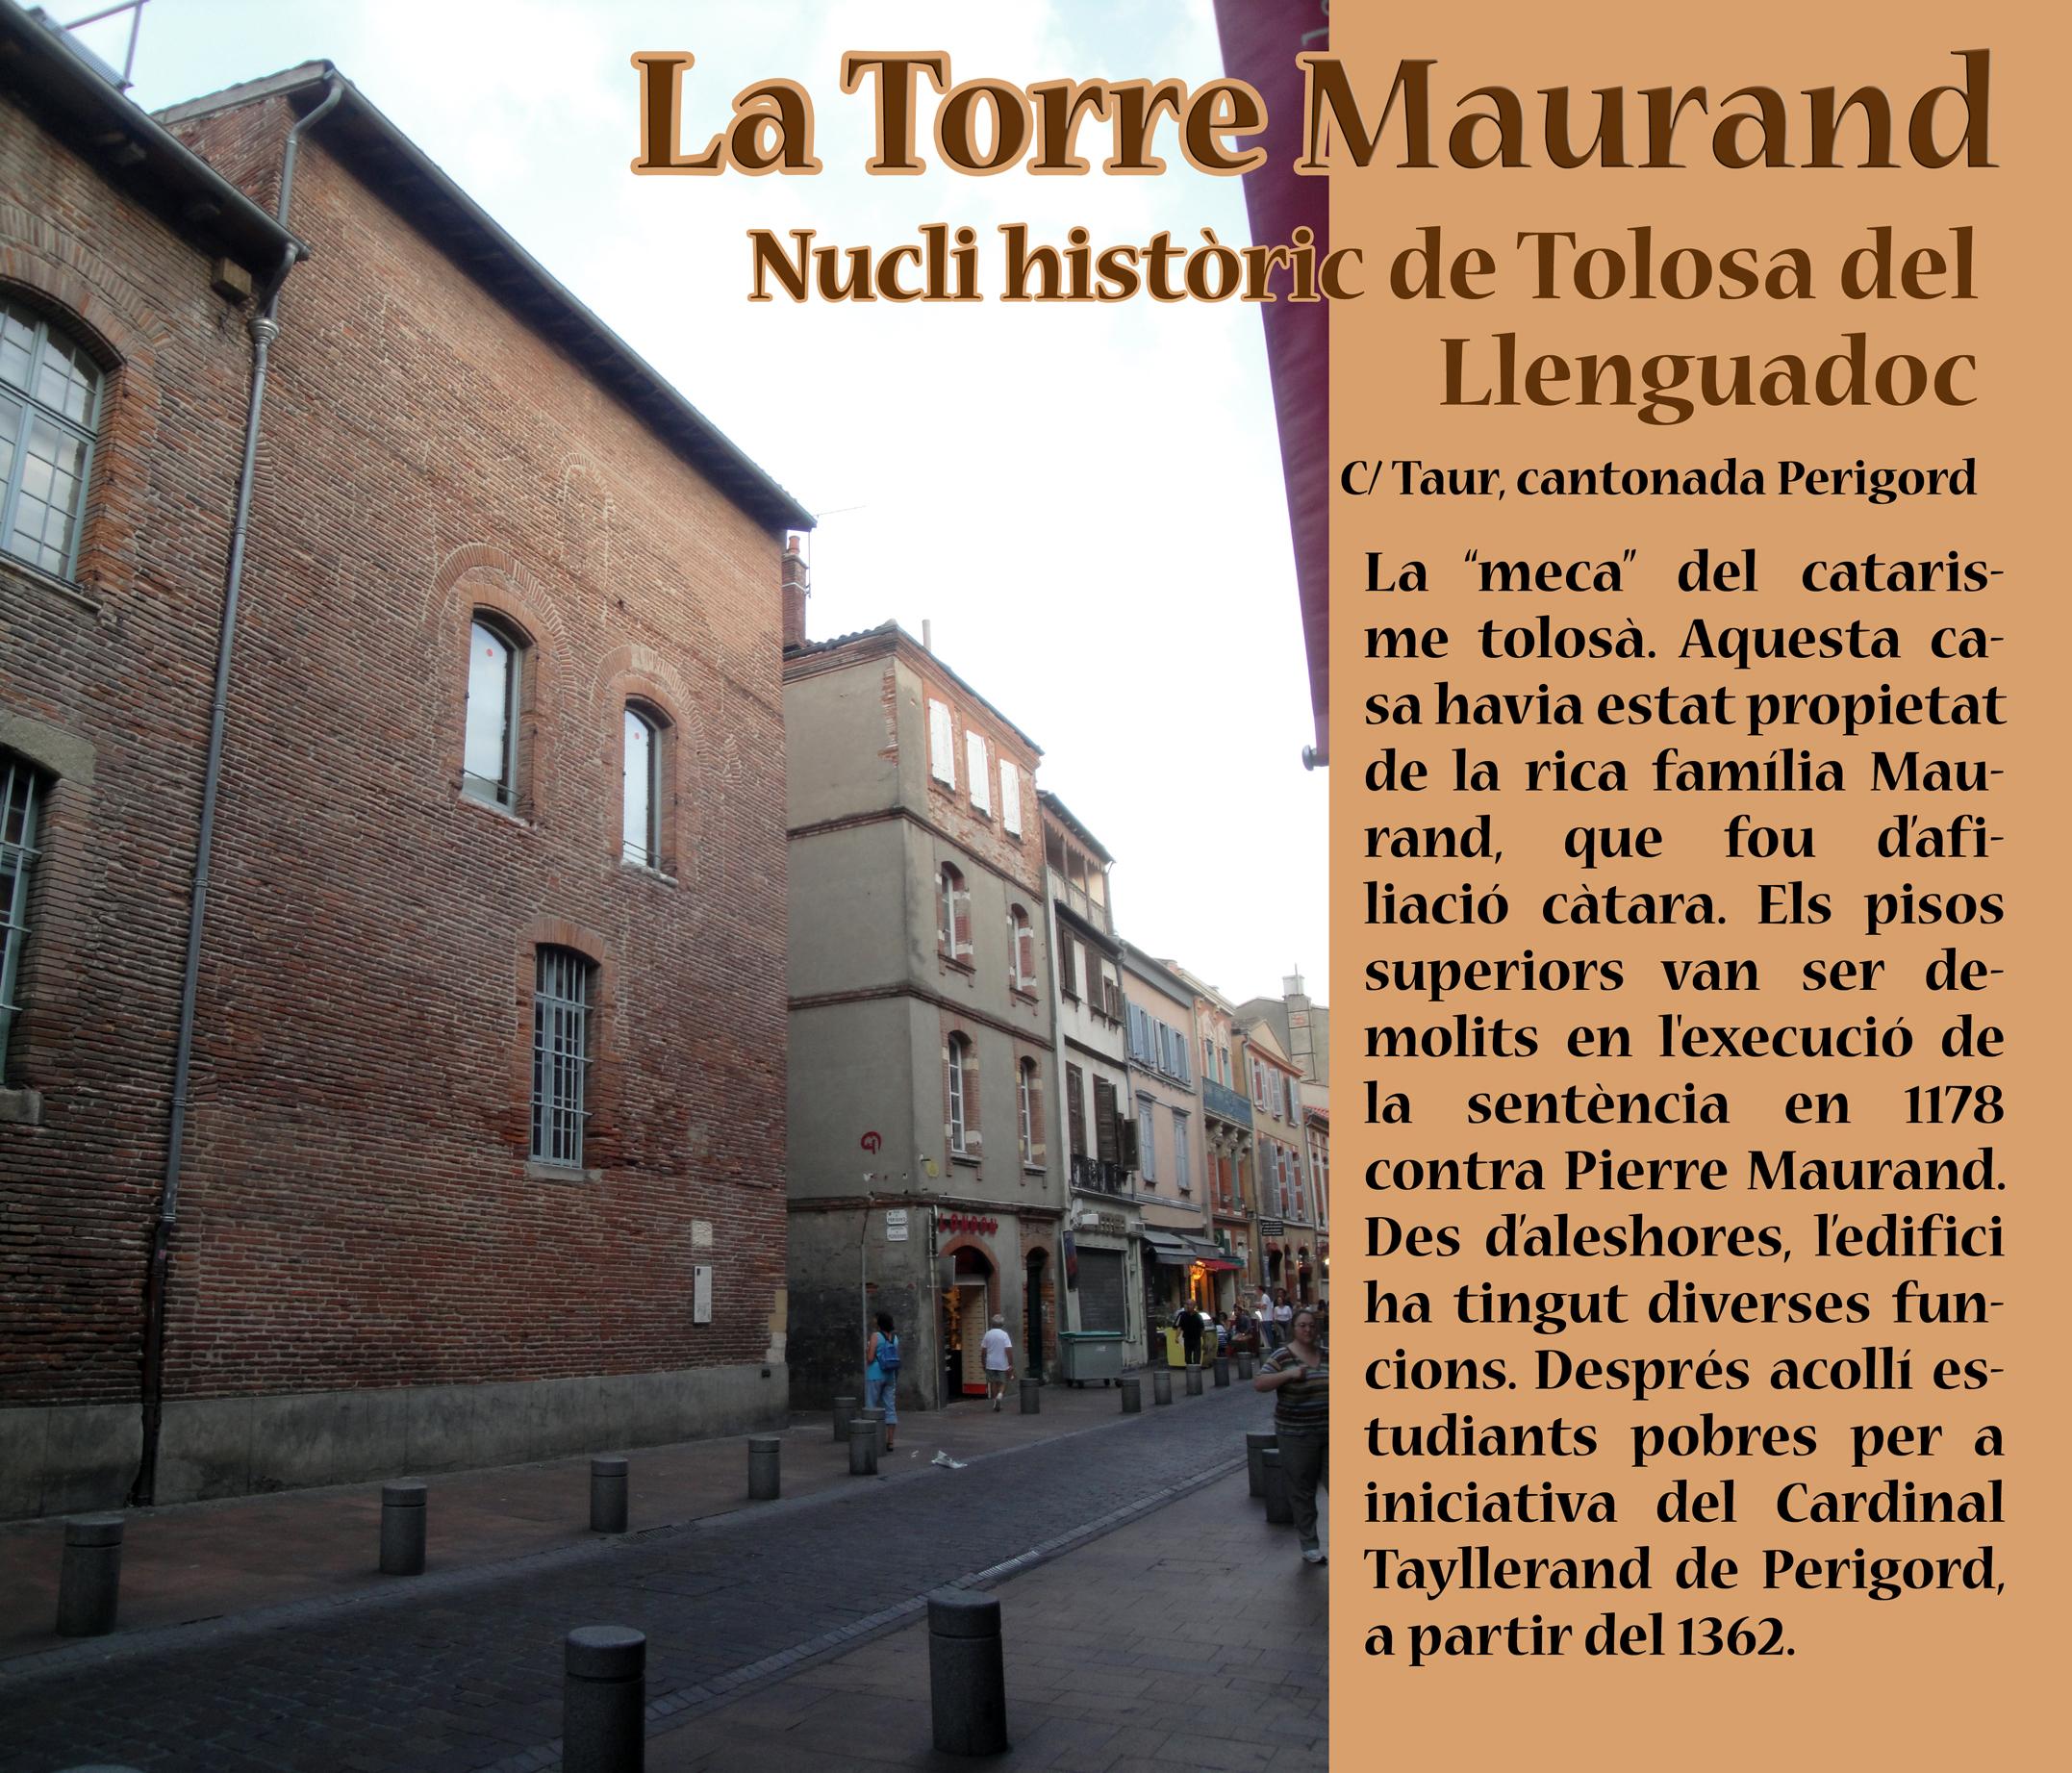 06.09.2011 Un dels pocs testimonis encara presents del catarisme a la ciutat de Tolosa  Tolosa del Llenguadoc -  Jordi Bibià